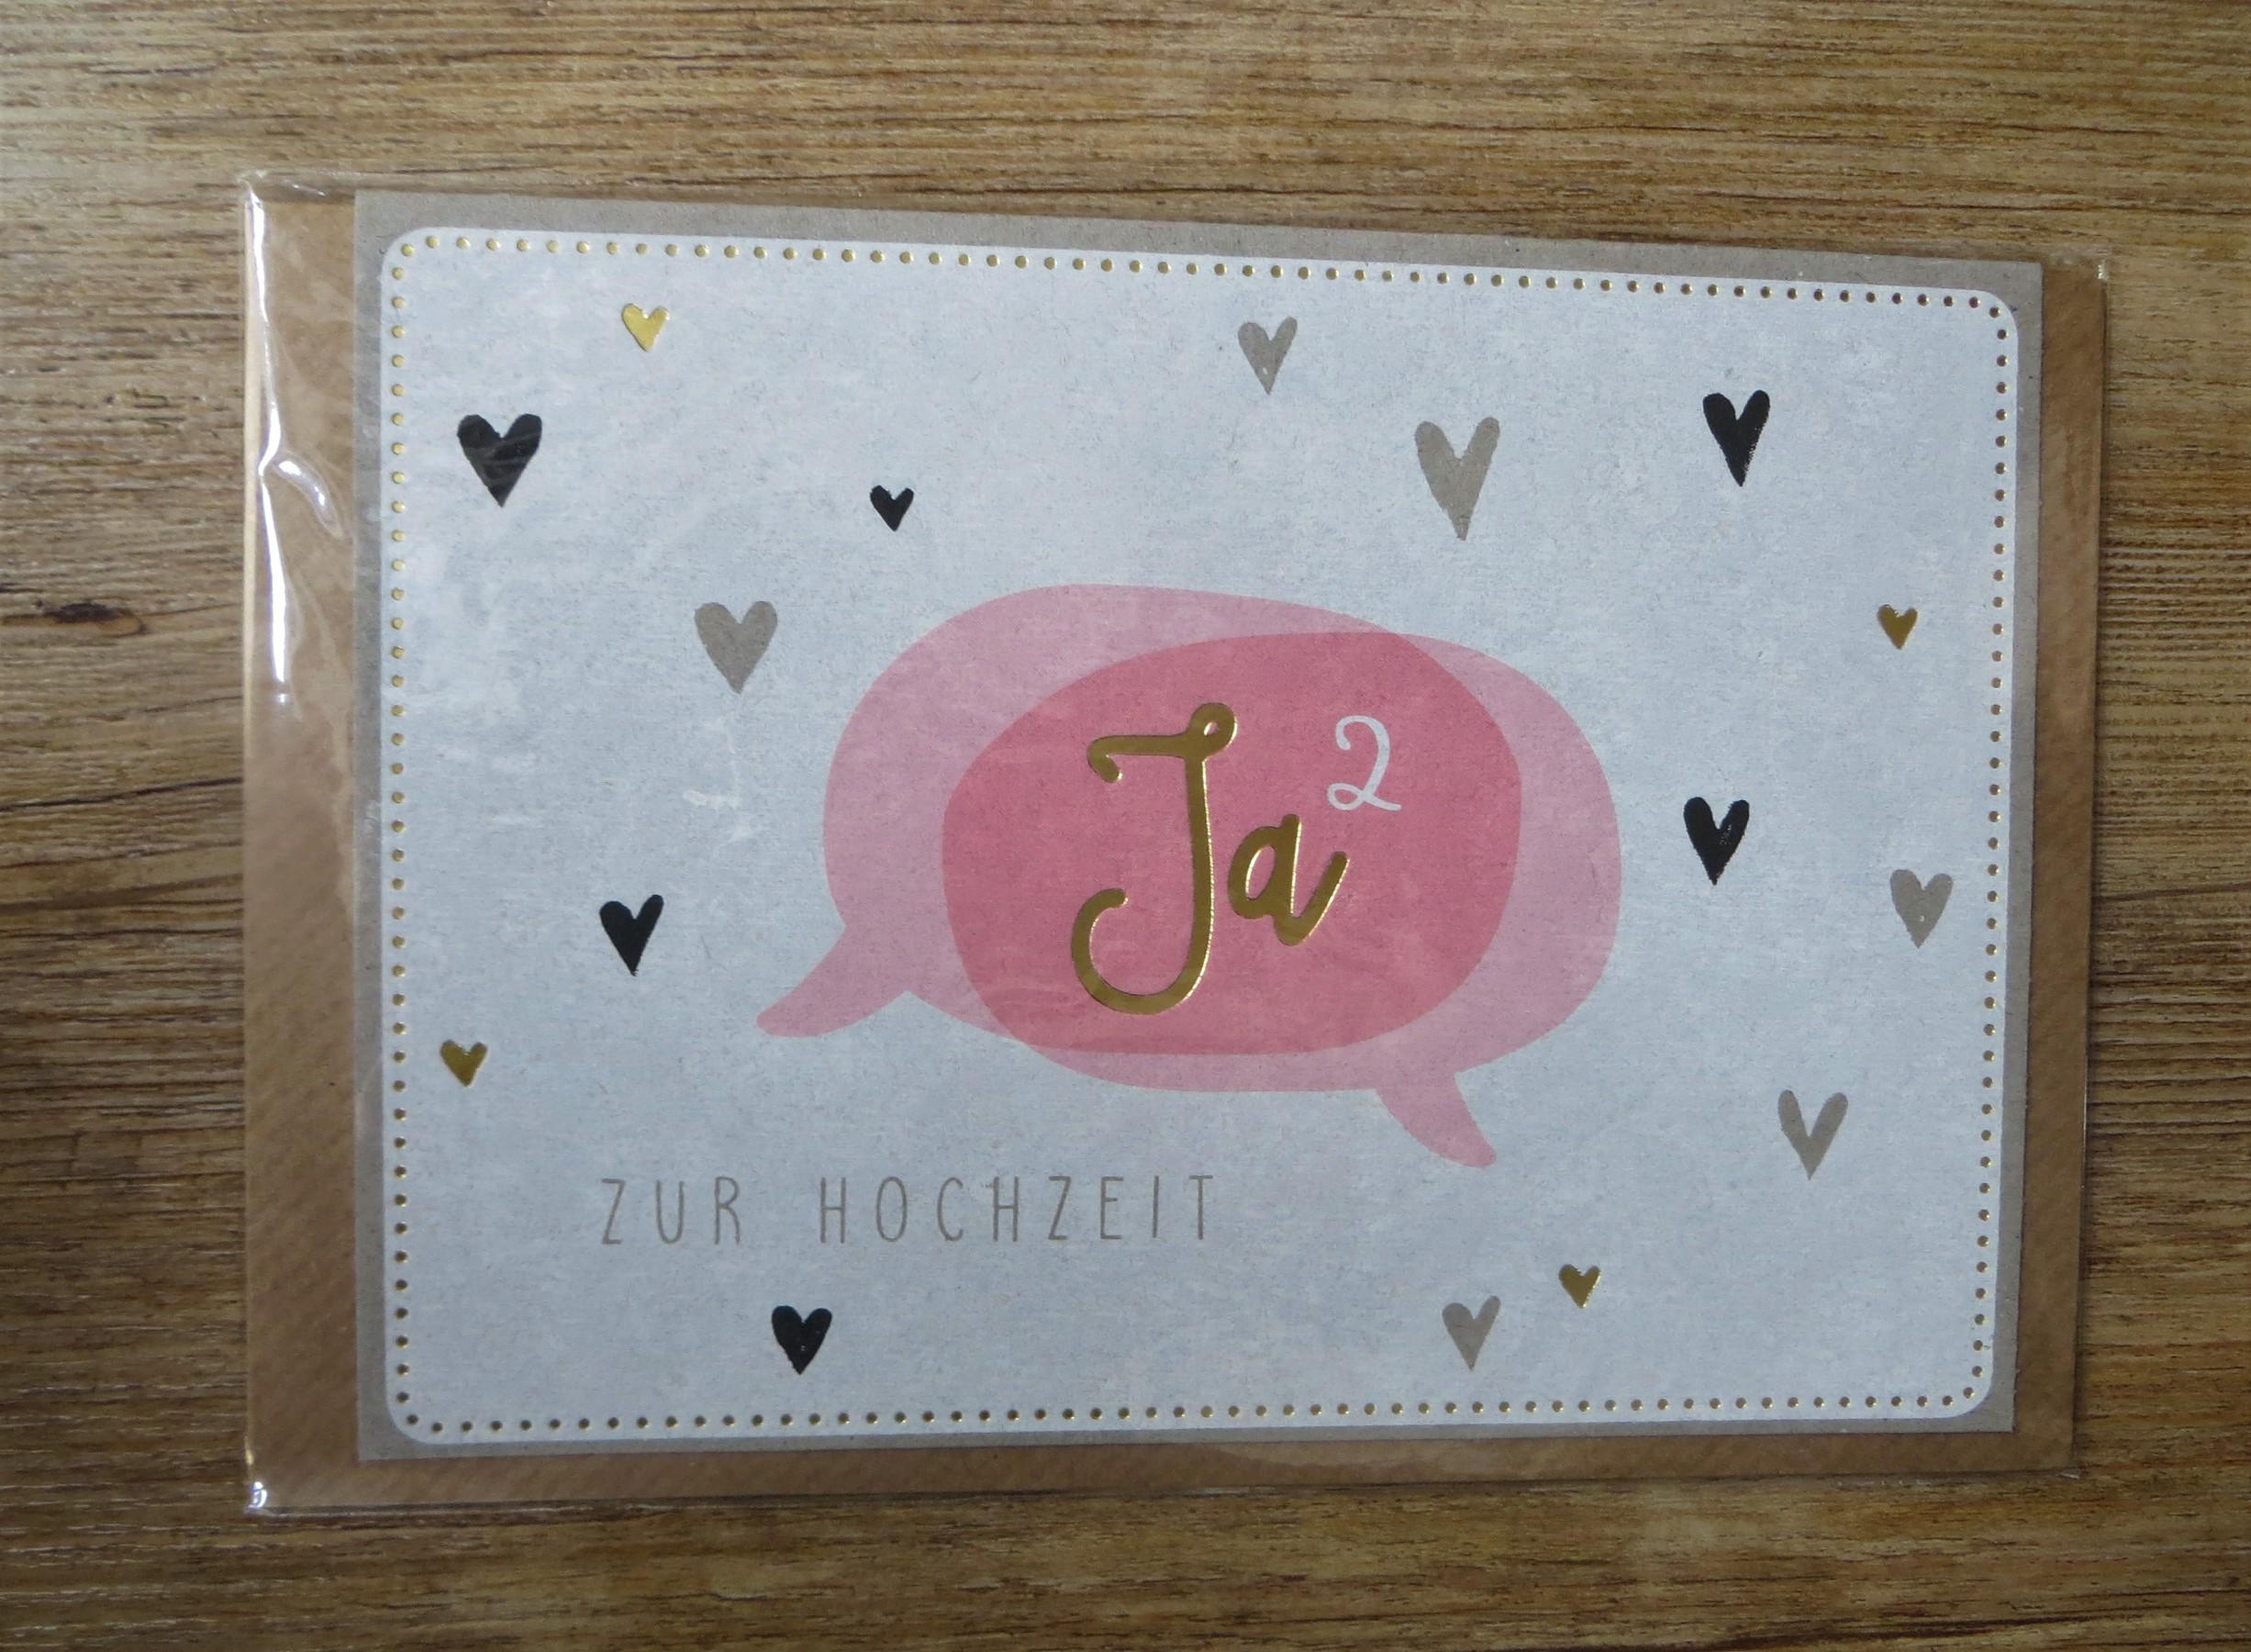 Nützlichgrusskarten - Klappkarte Umschlagkarte Zur Hochzeit Ja² KUNST und BILD - Onlineshop Tante Emmer